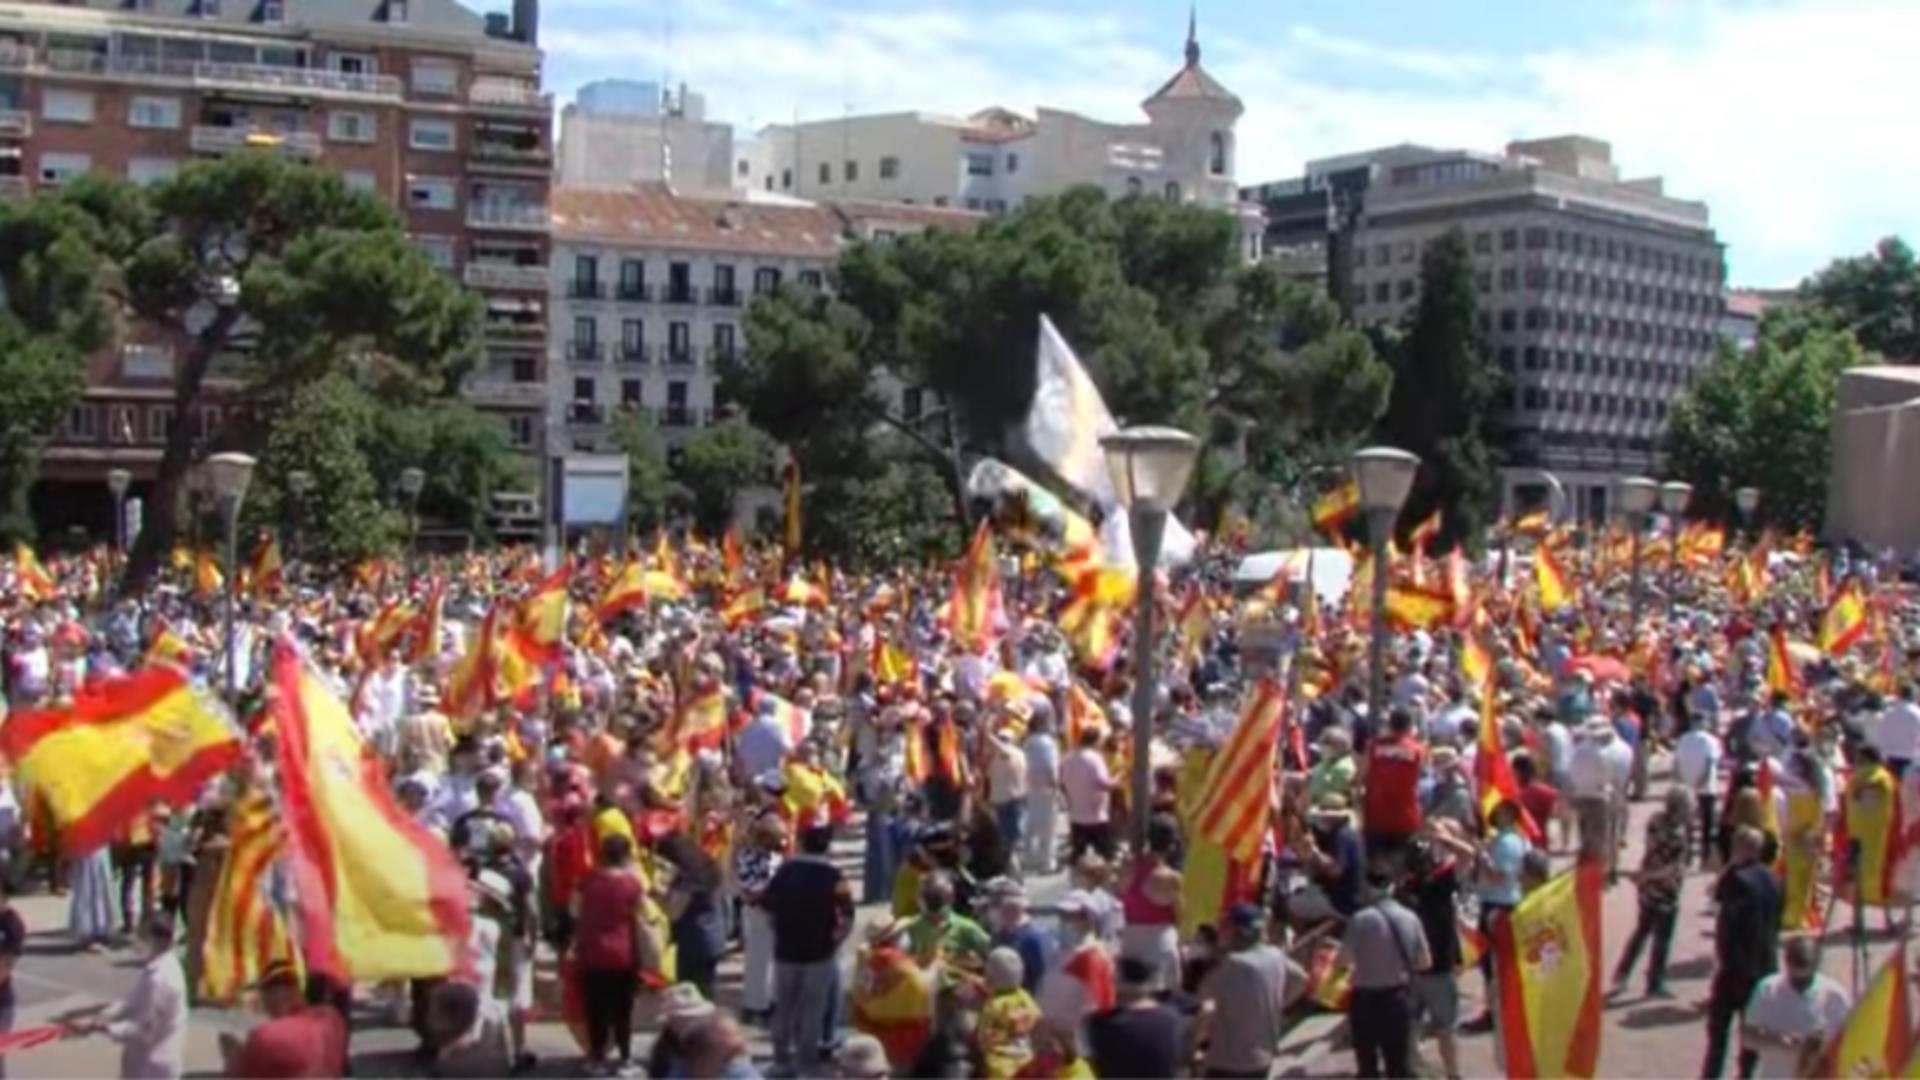 VIDEO   Spania fierbe - Proteste masive la Madrid. Premierul, acuzat de trădare